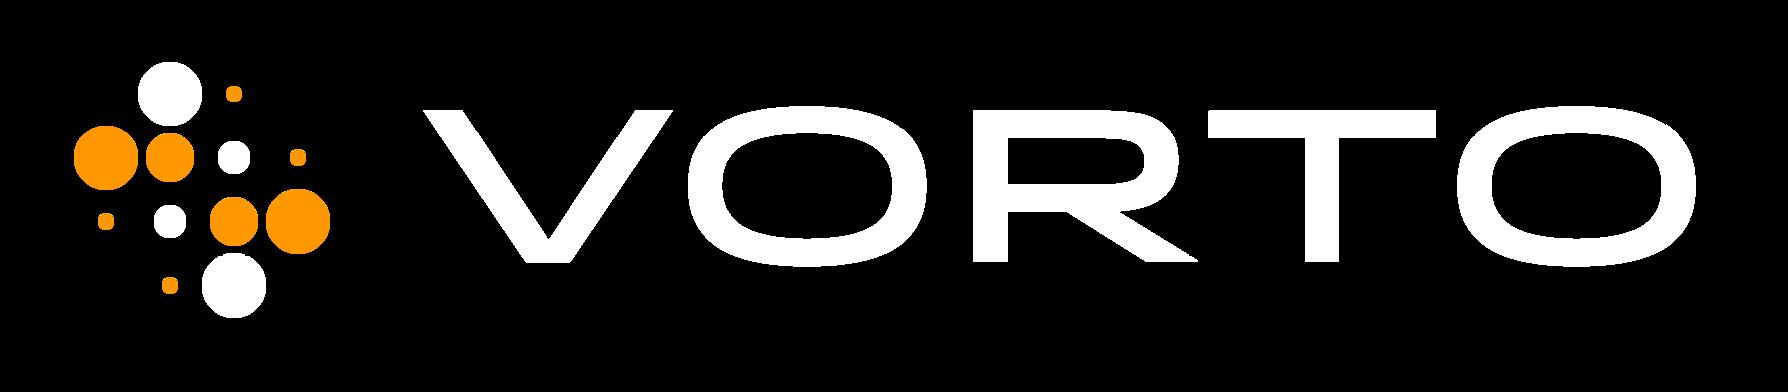 Vorto, LLC